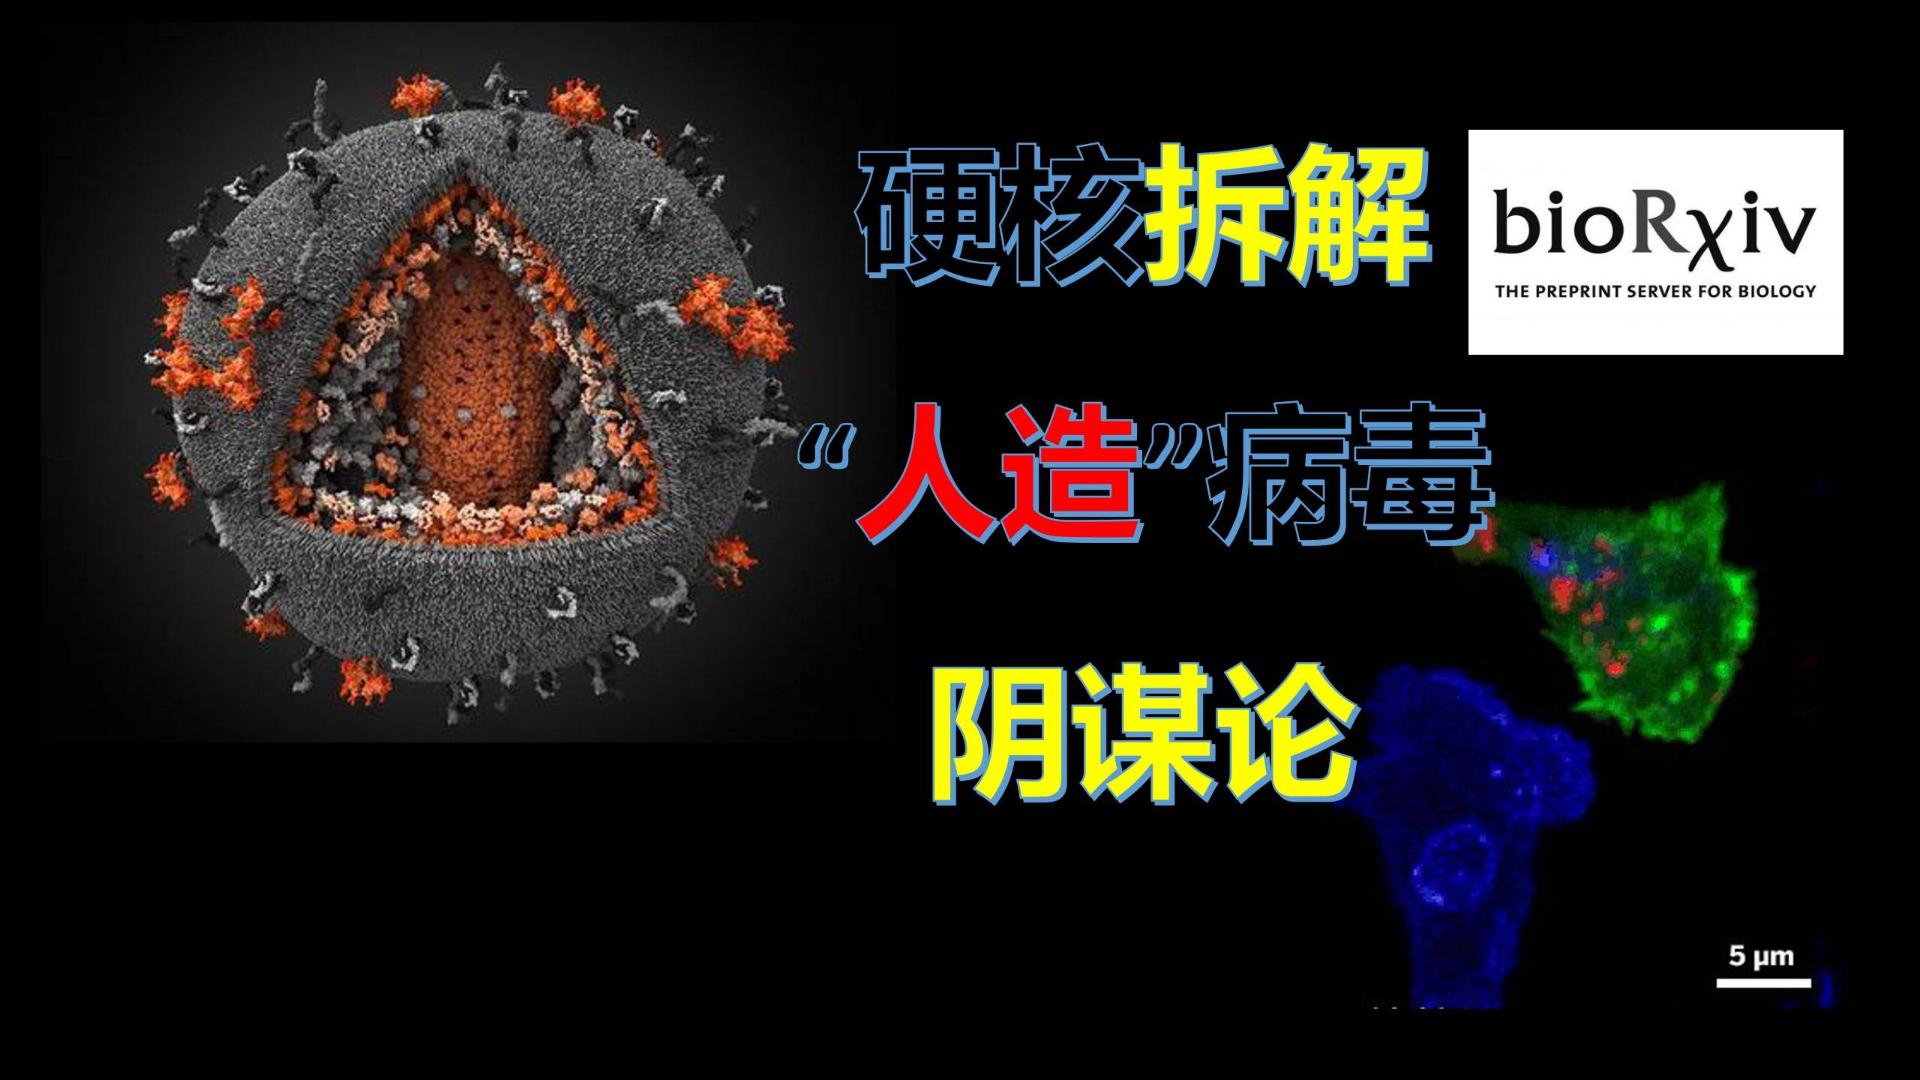 """破解谣言:新冠病毒是人造的?硬核拆解""""人造病毒""""的阴谋论!"""